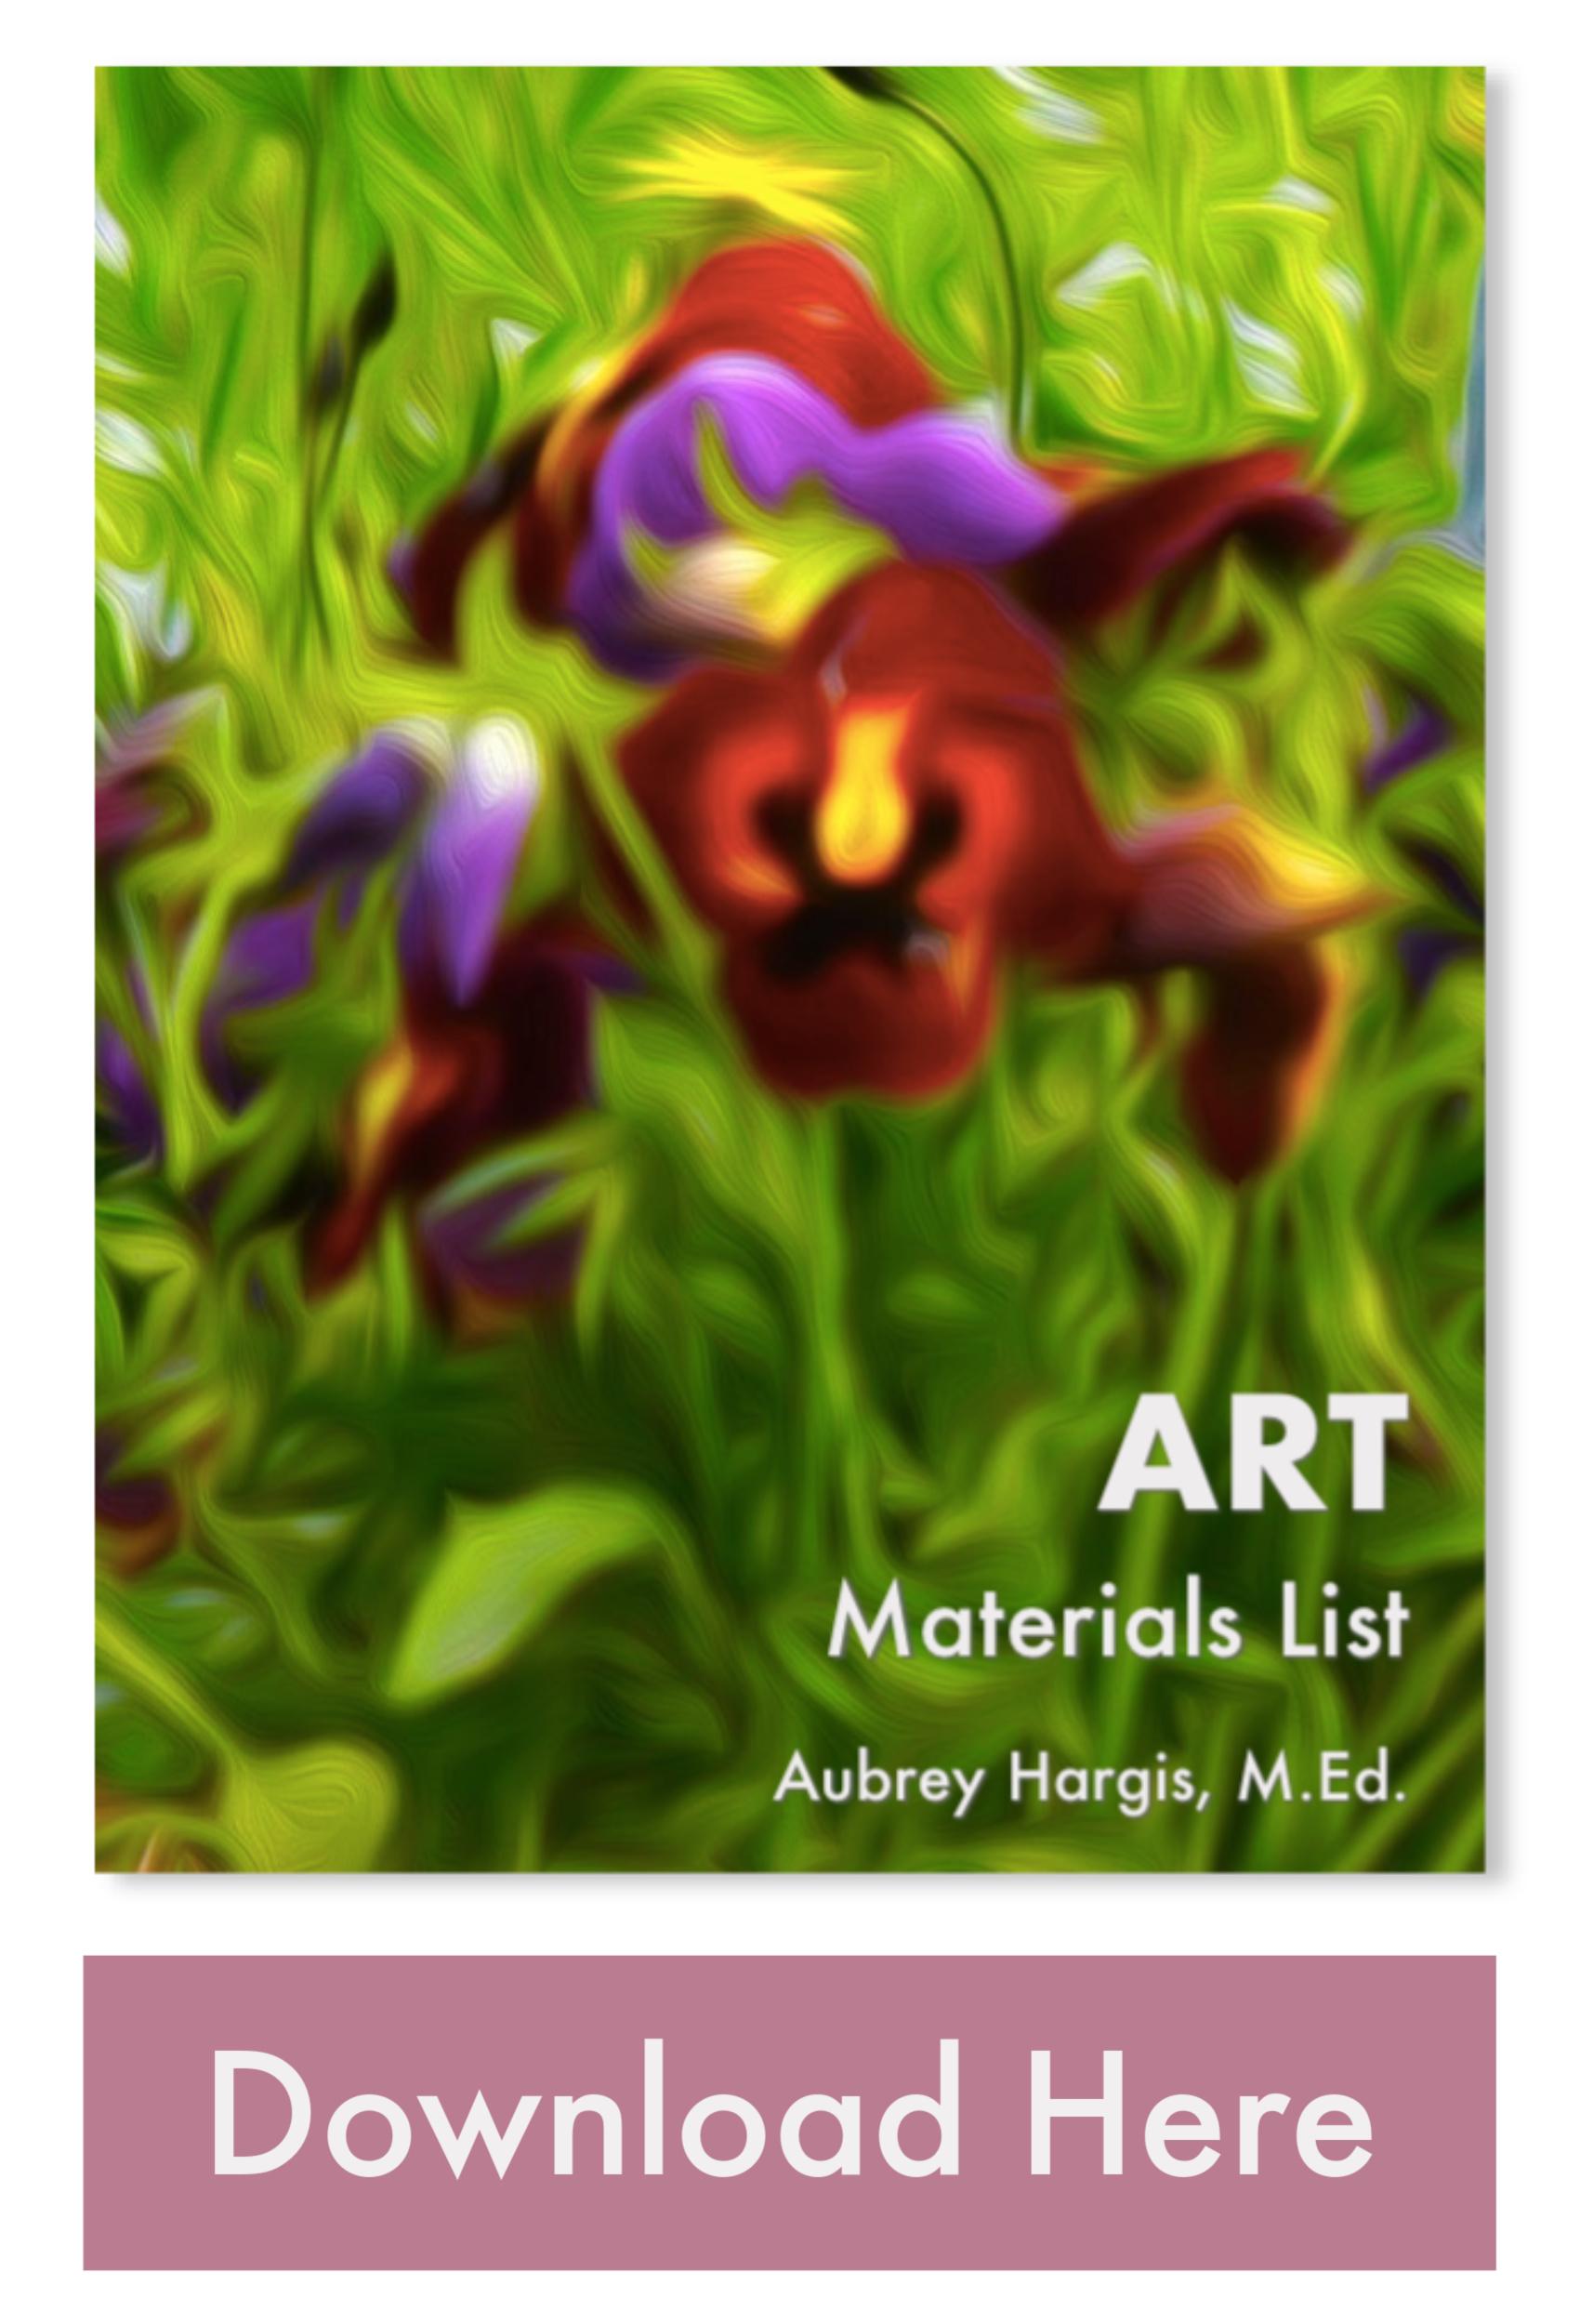 U3 Materials List Art Download Button.jpg